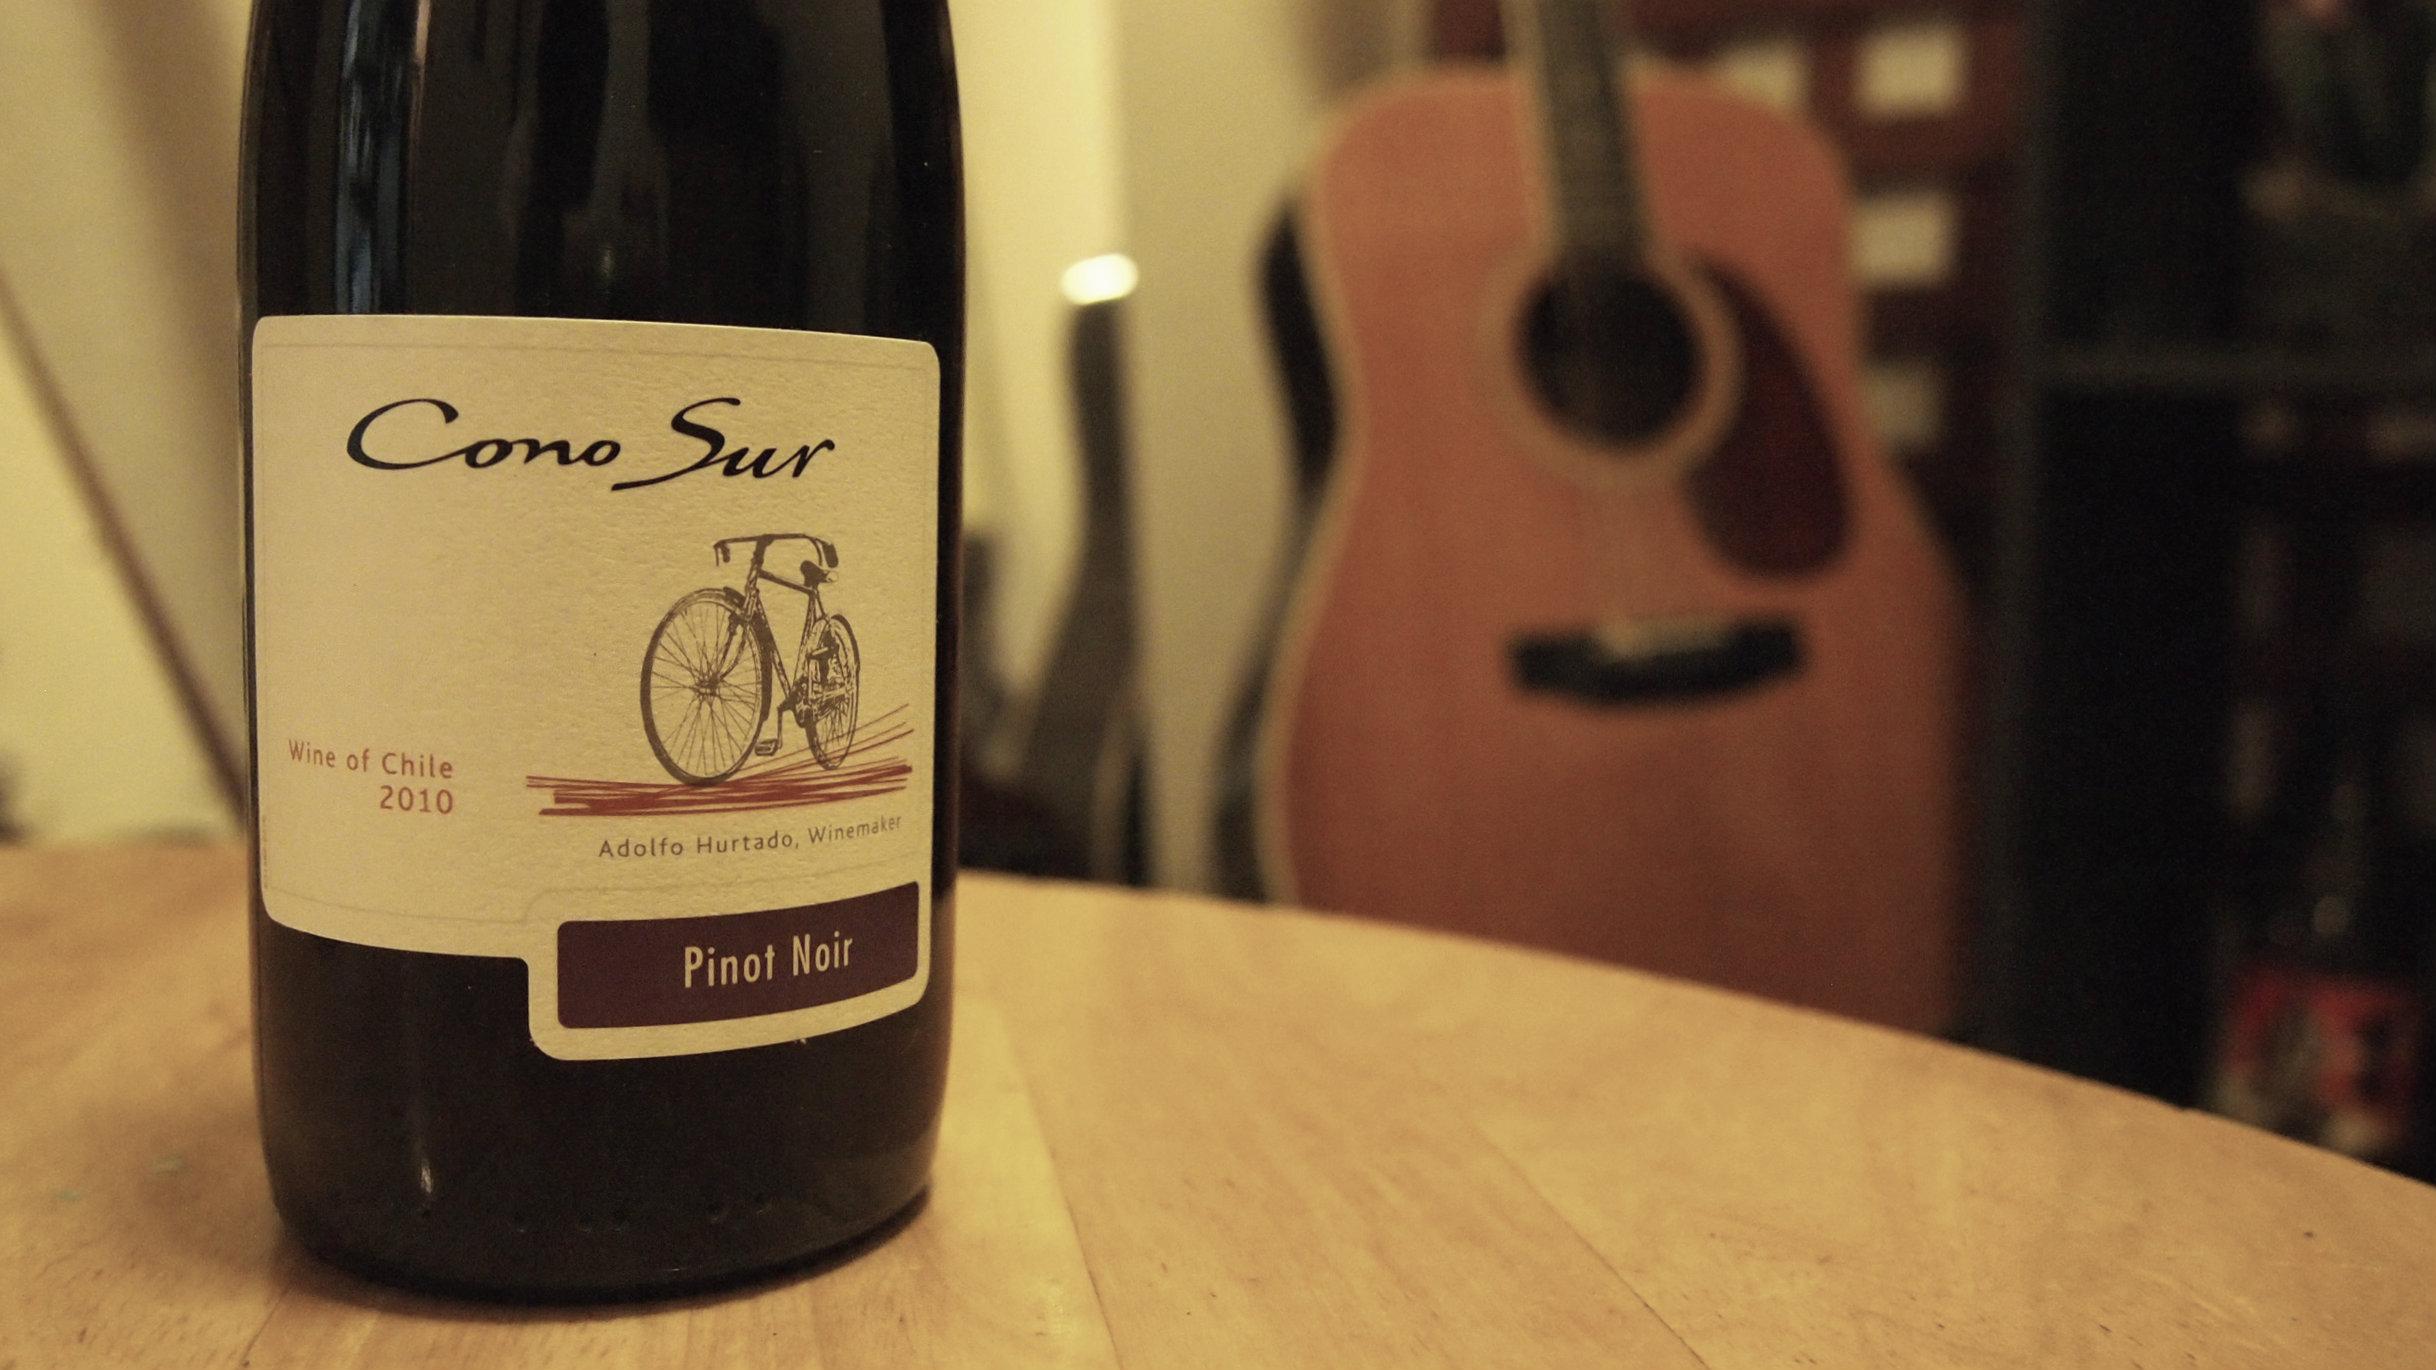 華やかで軽い旨安な赤ワイン『コノスル ピノ・ノワール ヴァラエタル』